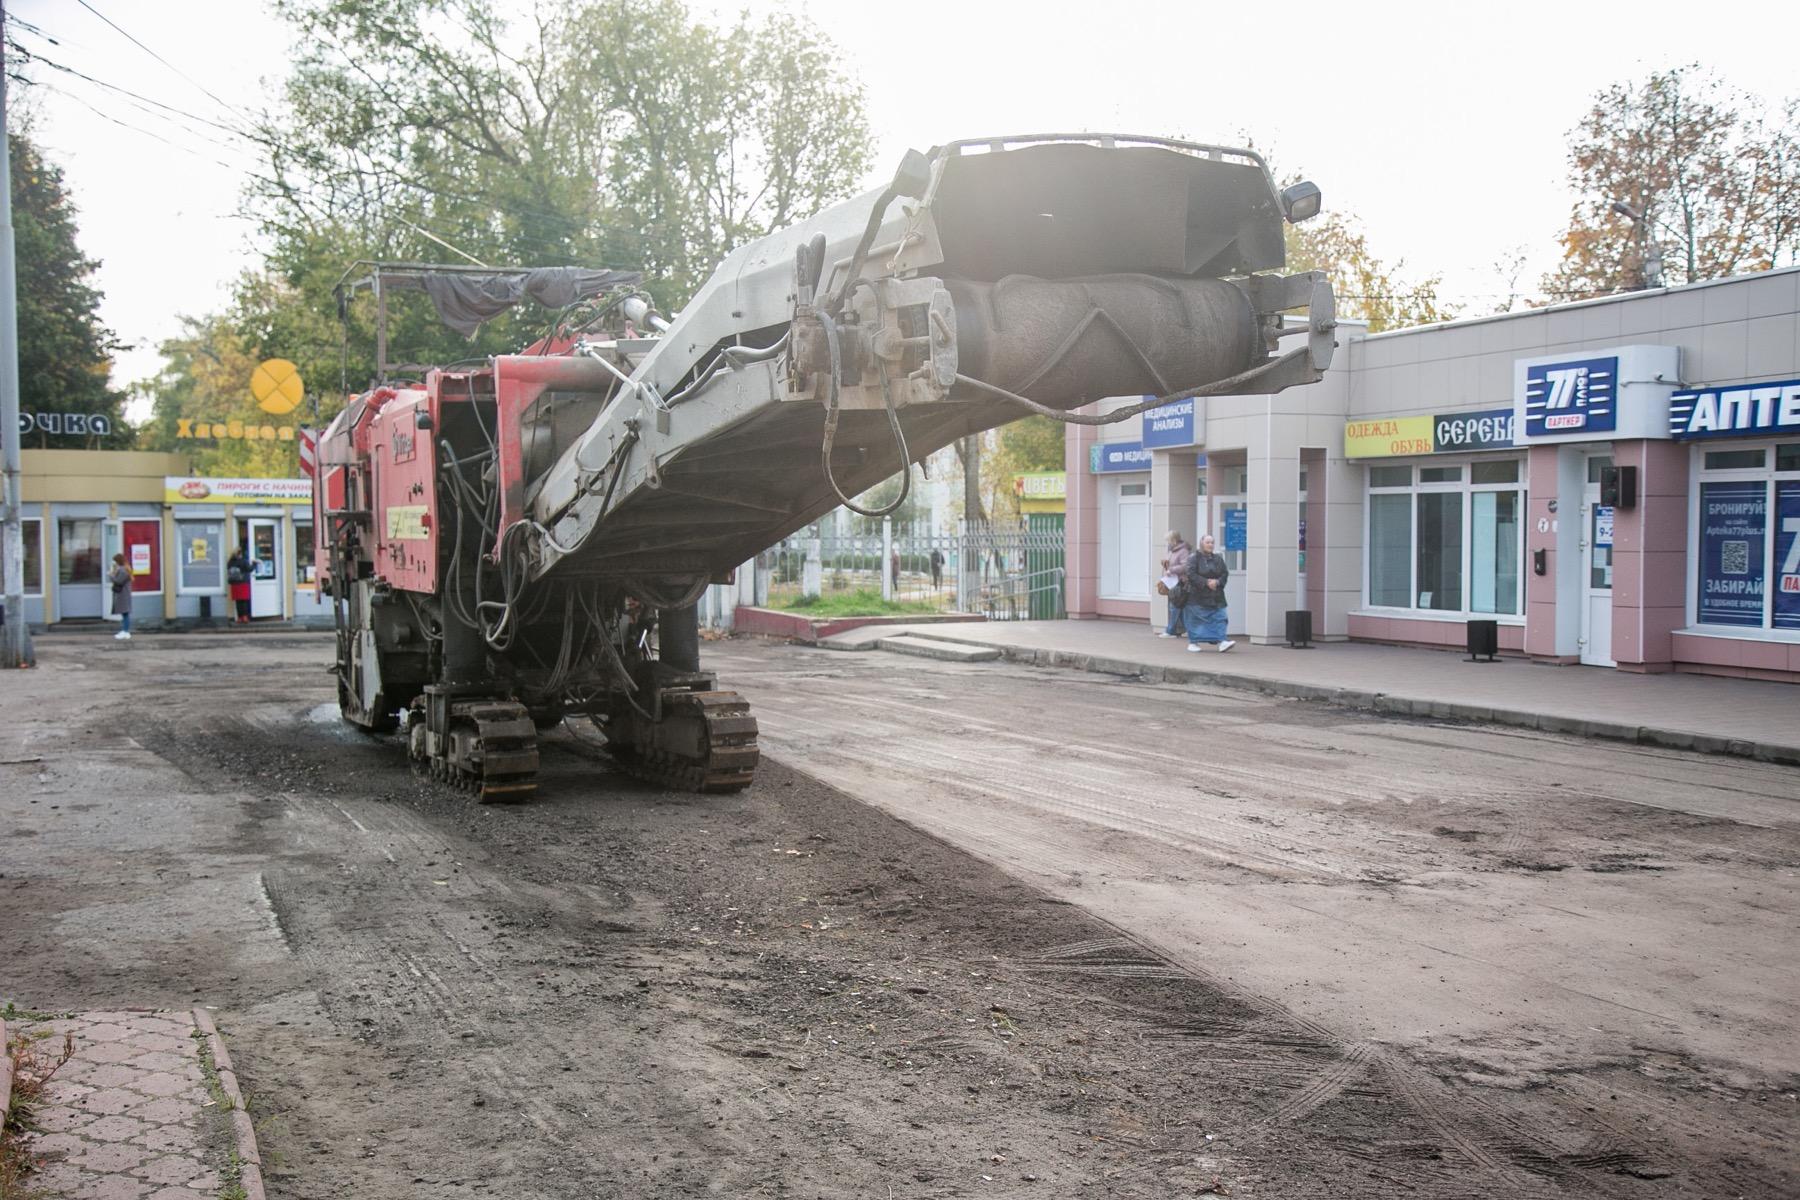 У Коломенской ЦРБ продолжается ремонт дороги